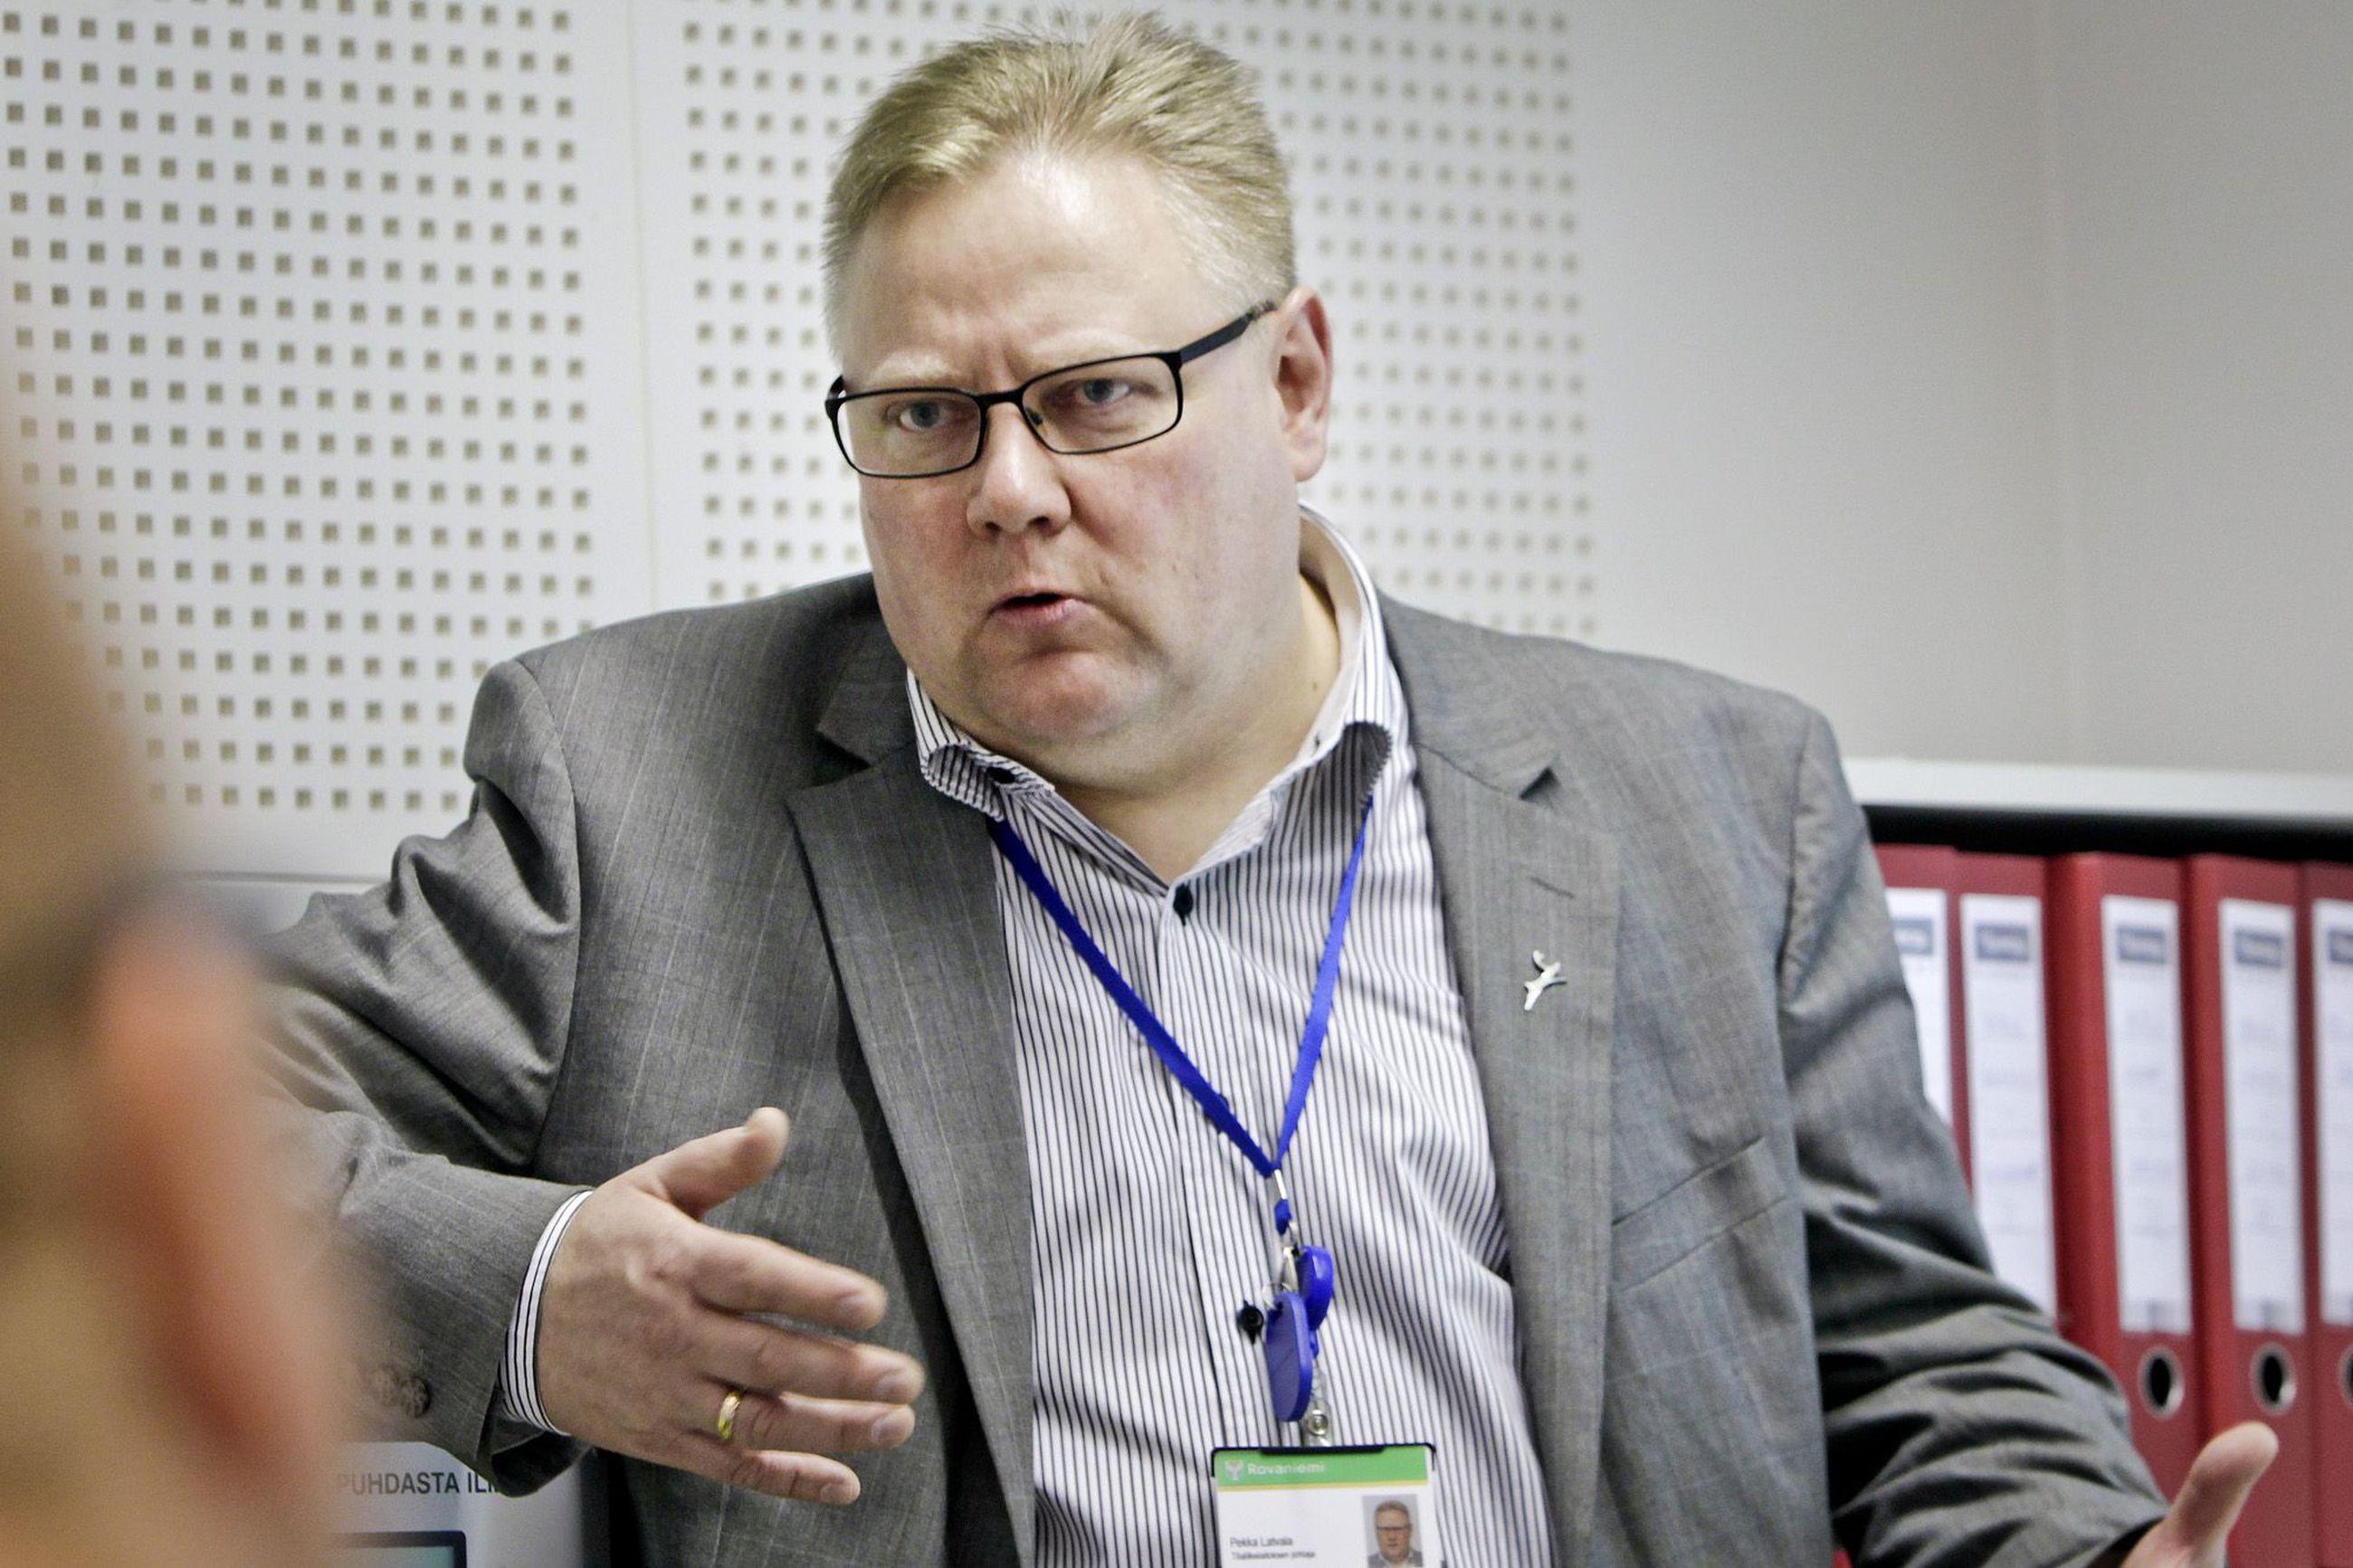 Pekka Pouta Eläkkeelle